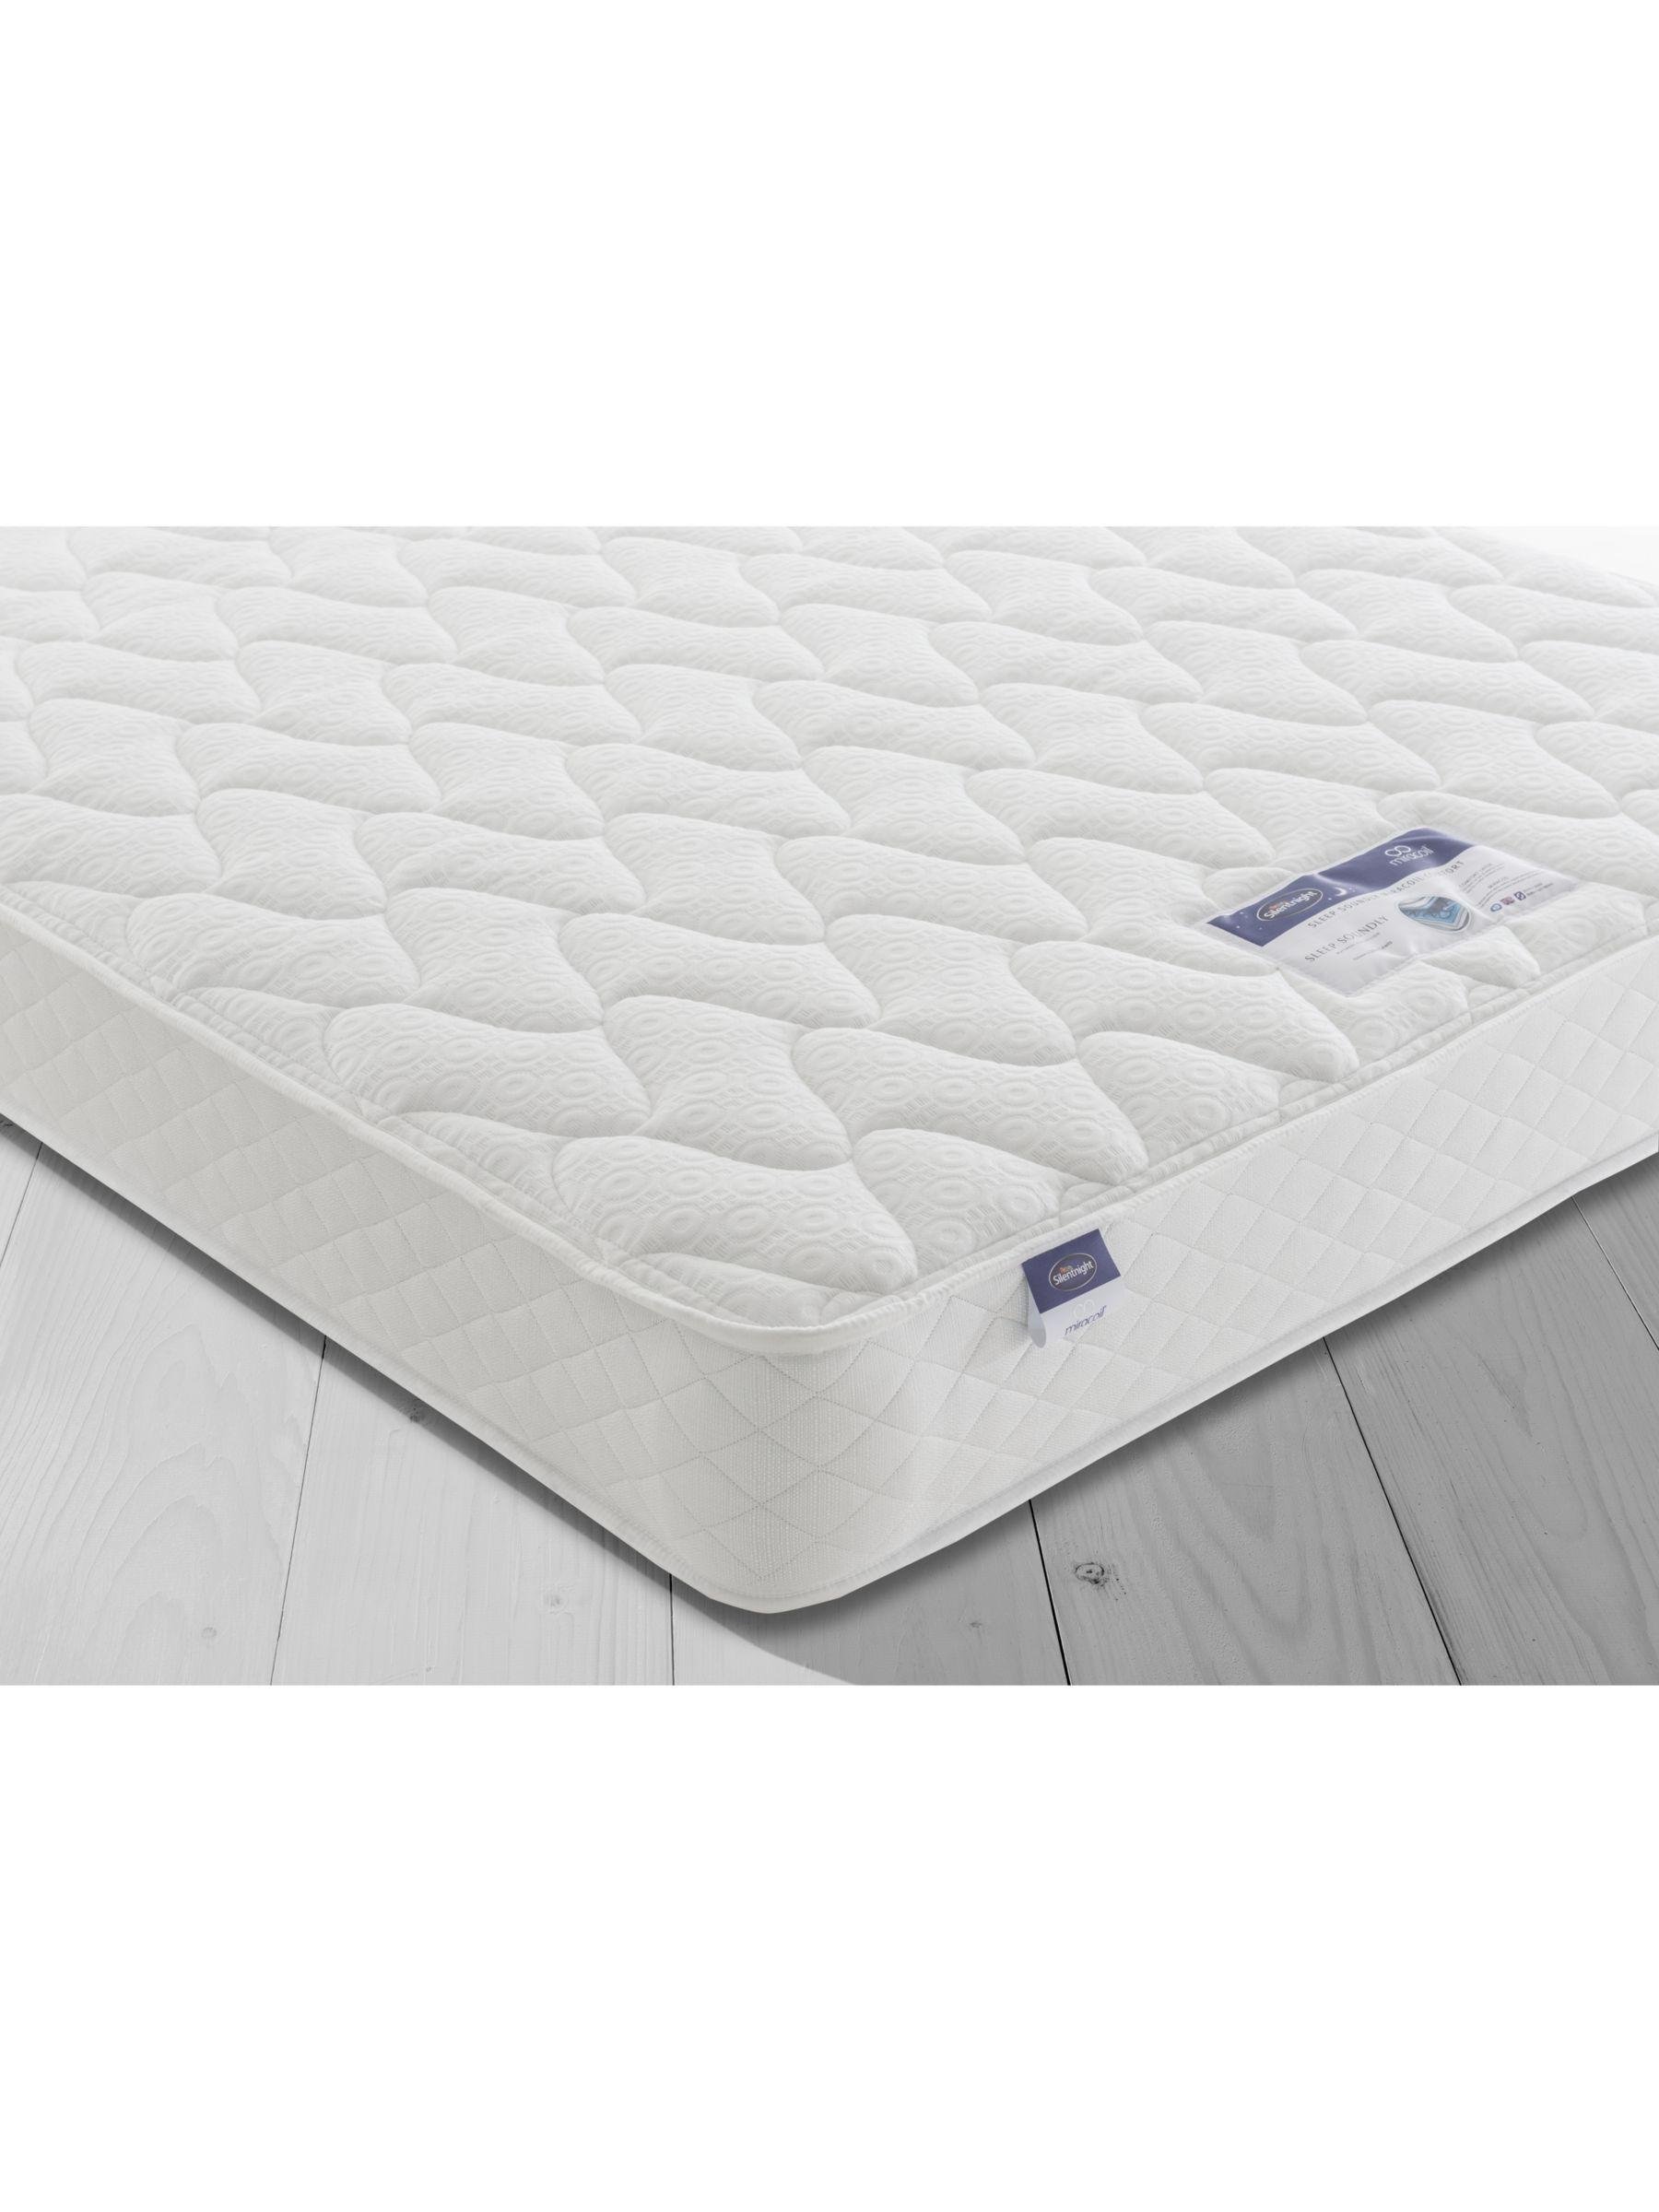 Silentnight Silentnight Sleep Soundly Miracoil Comfort Divan Base and Mattress Set, FSC-Certified (Picea Abies, Chipboard), Firm, Double